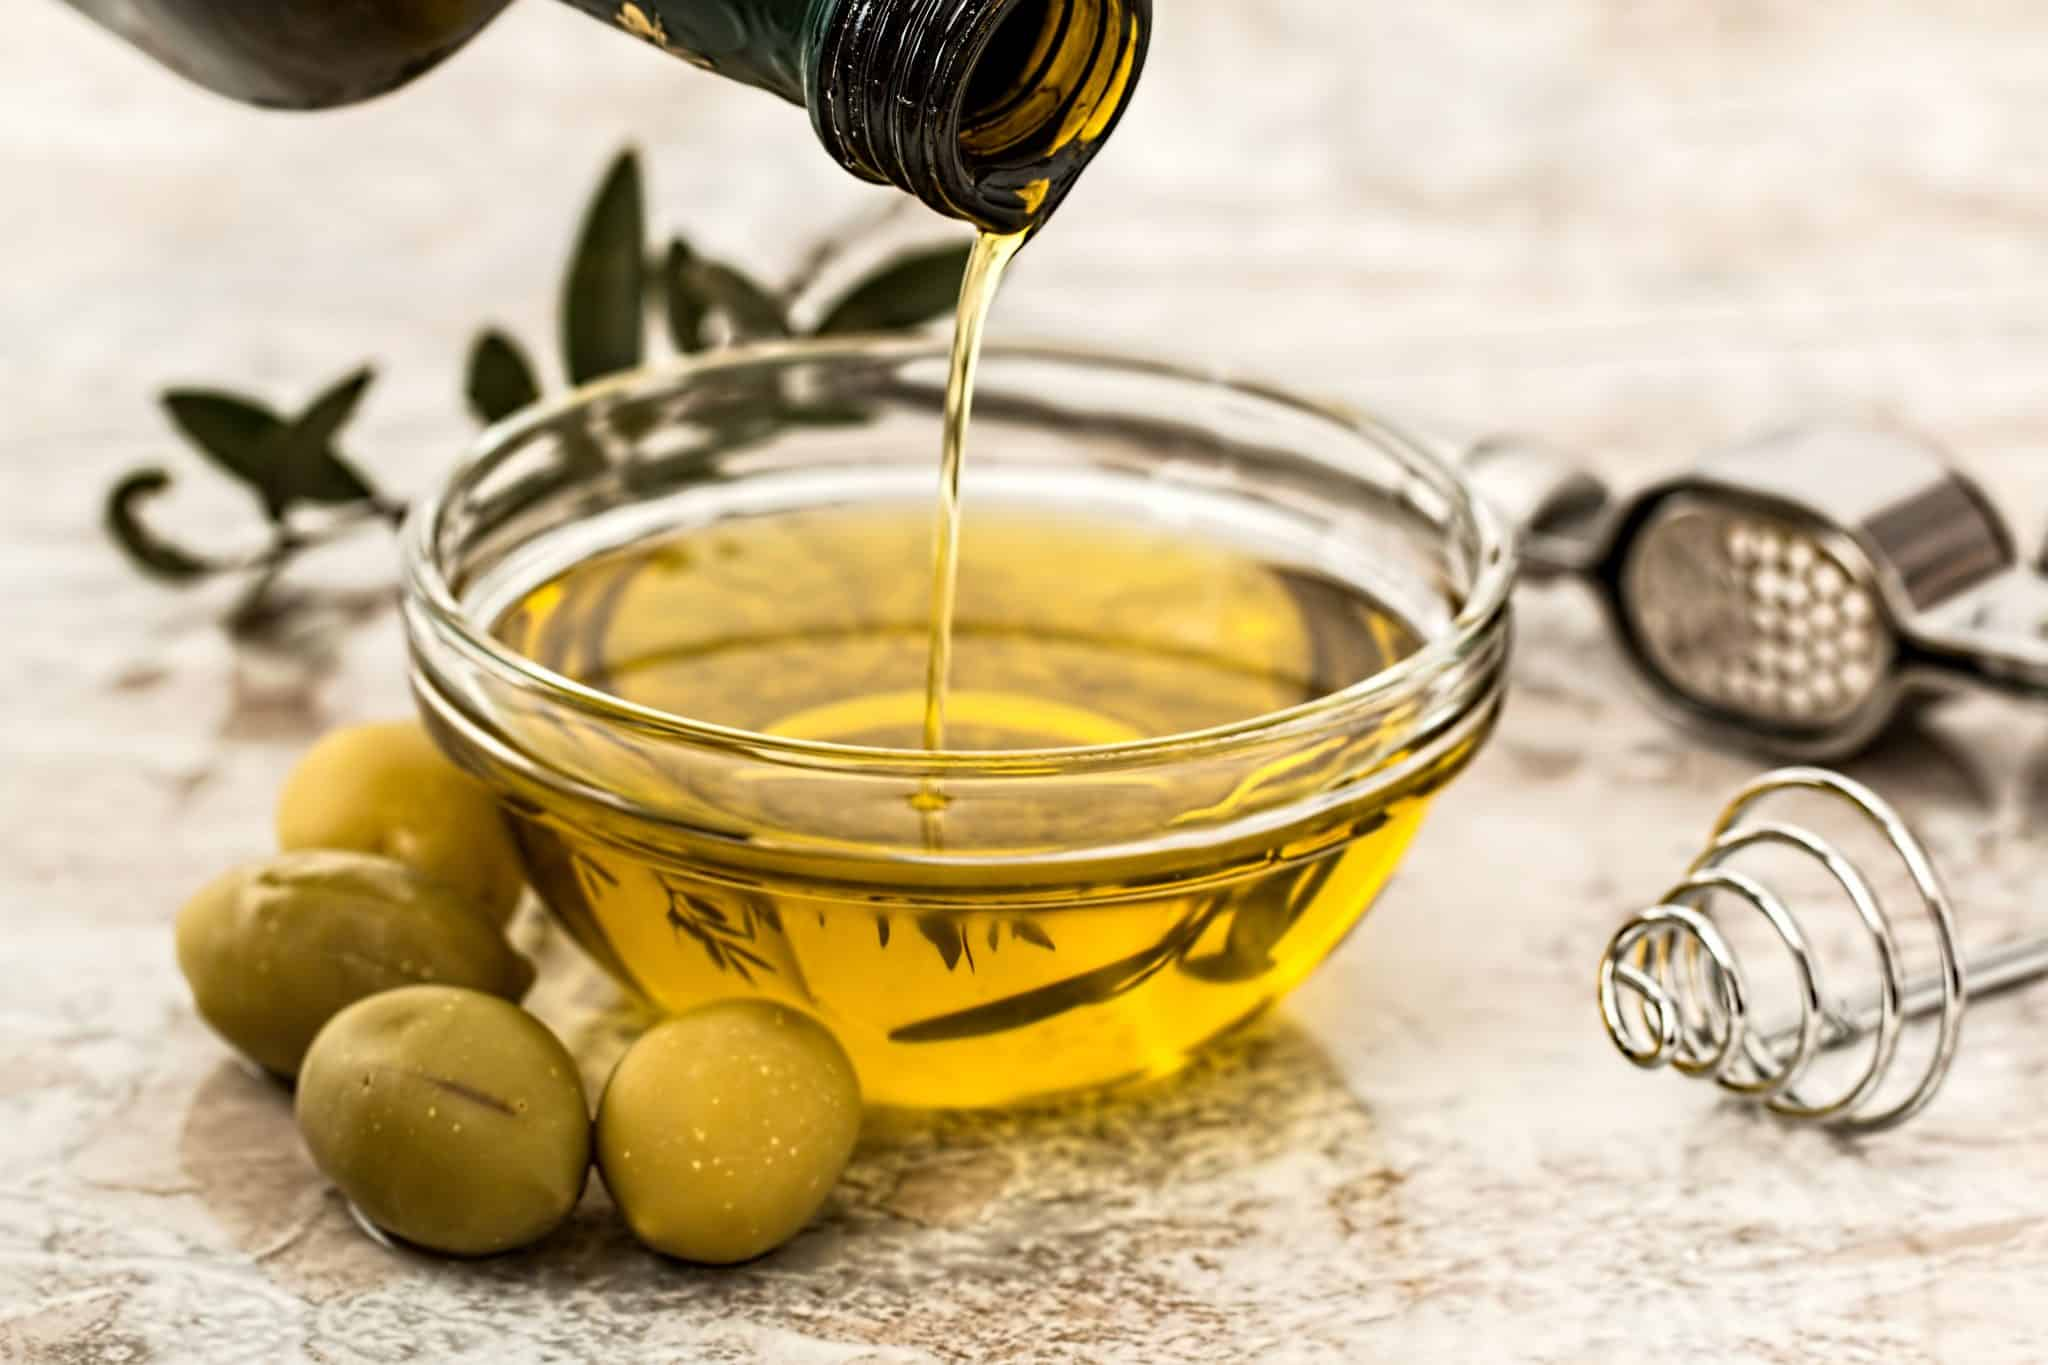 huile d'olive, olives